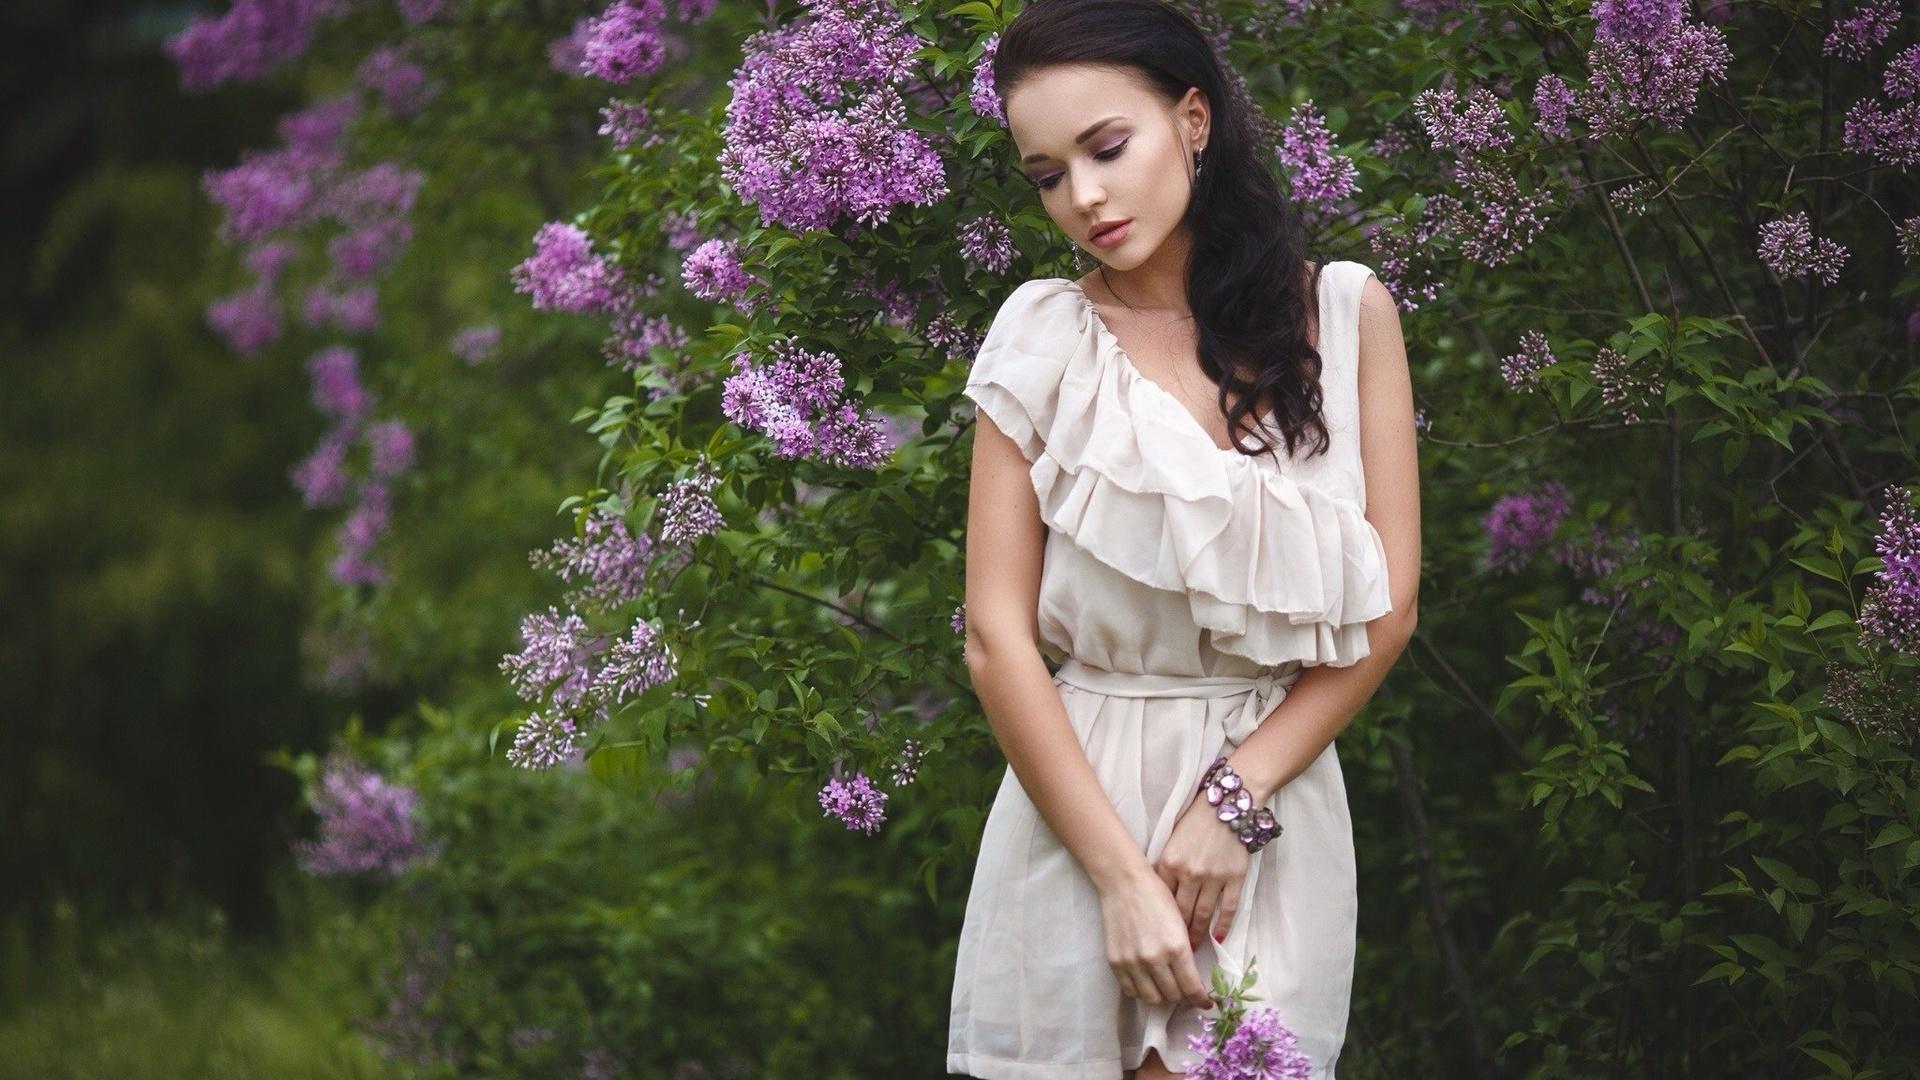 девушка, ангелина петрова, браслет, платье, beauty, украинка, брюнетка, сирень, красивая, шикарная, листья, портрет, боке, нежность